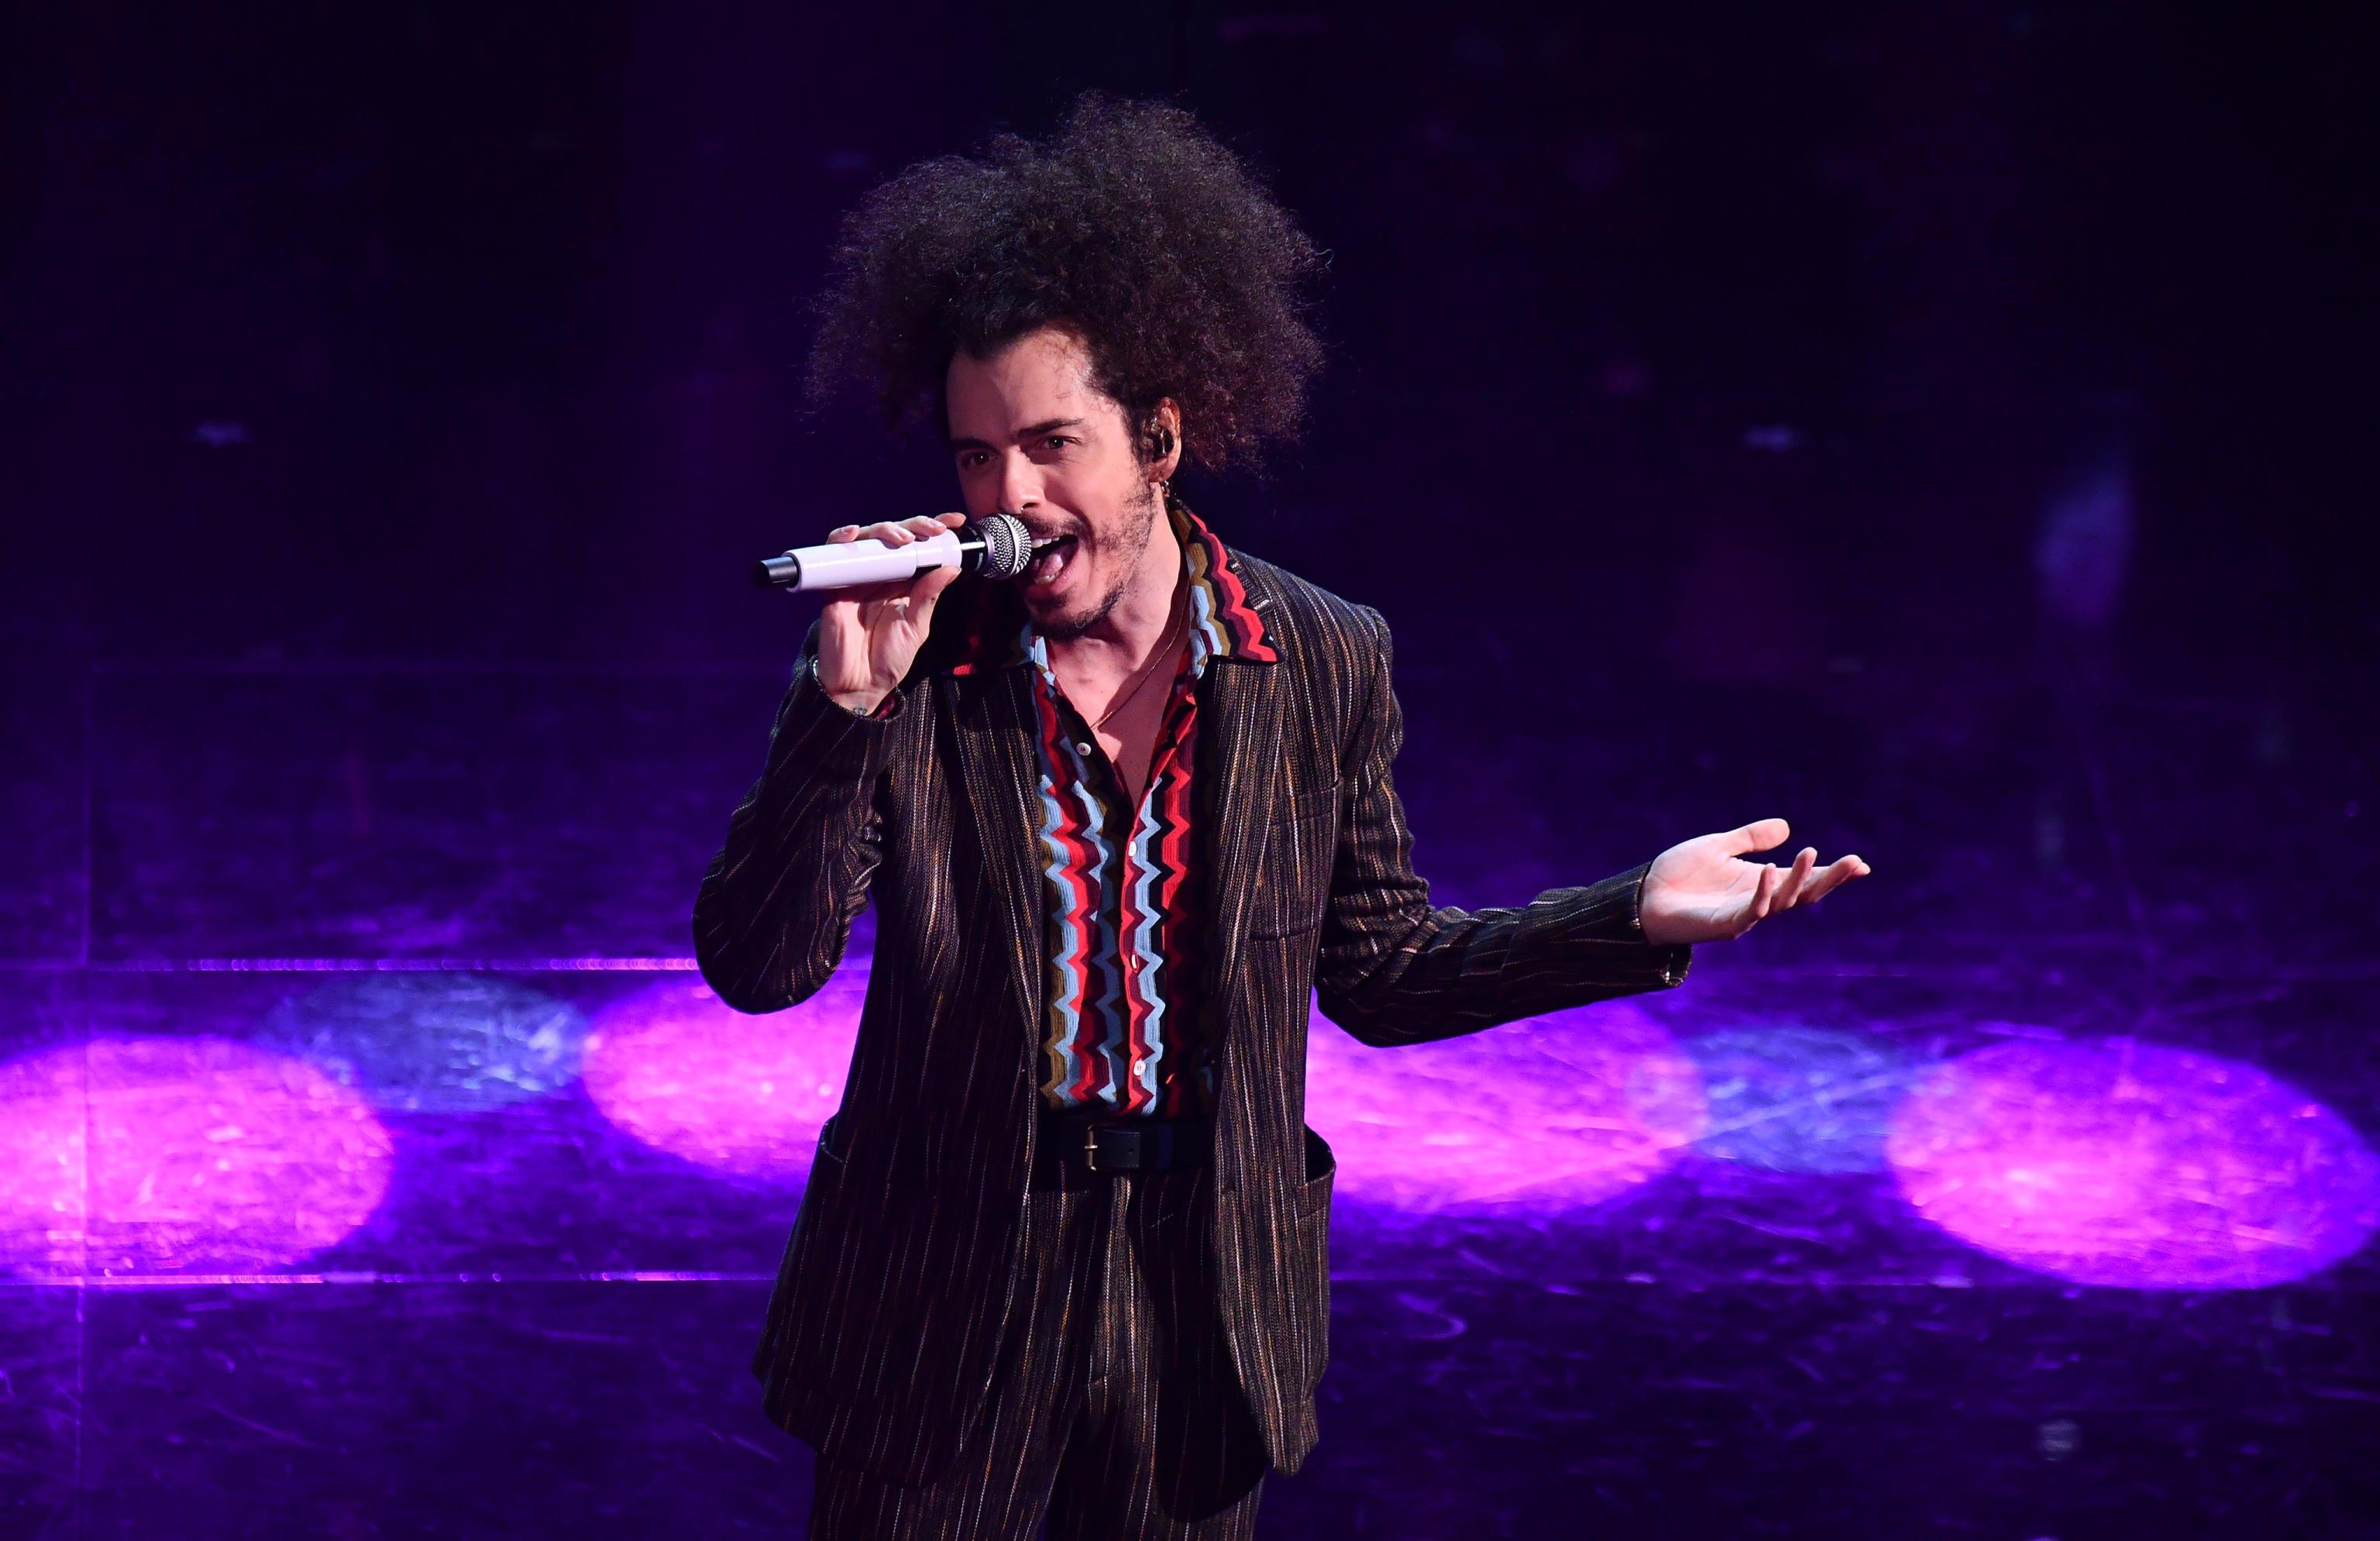 Festival Sanremo, al rapper palermitano Shorty il premio della Sala stampa